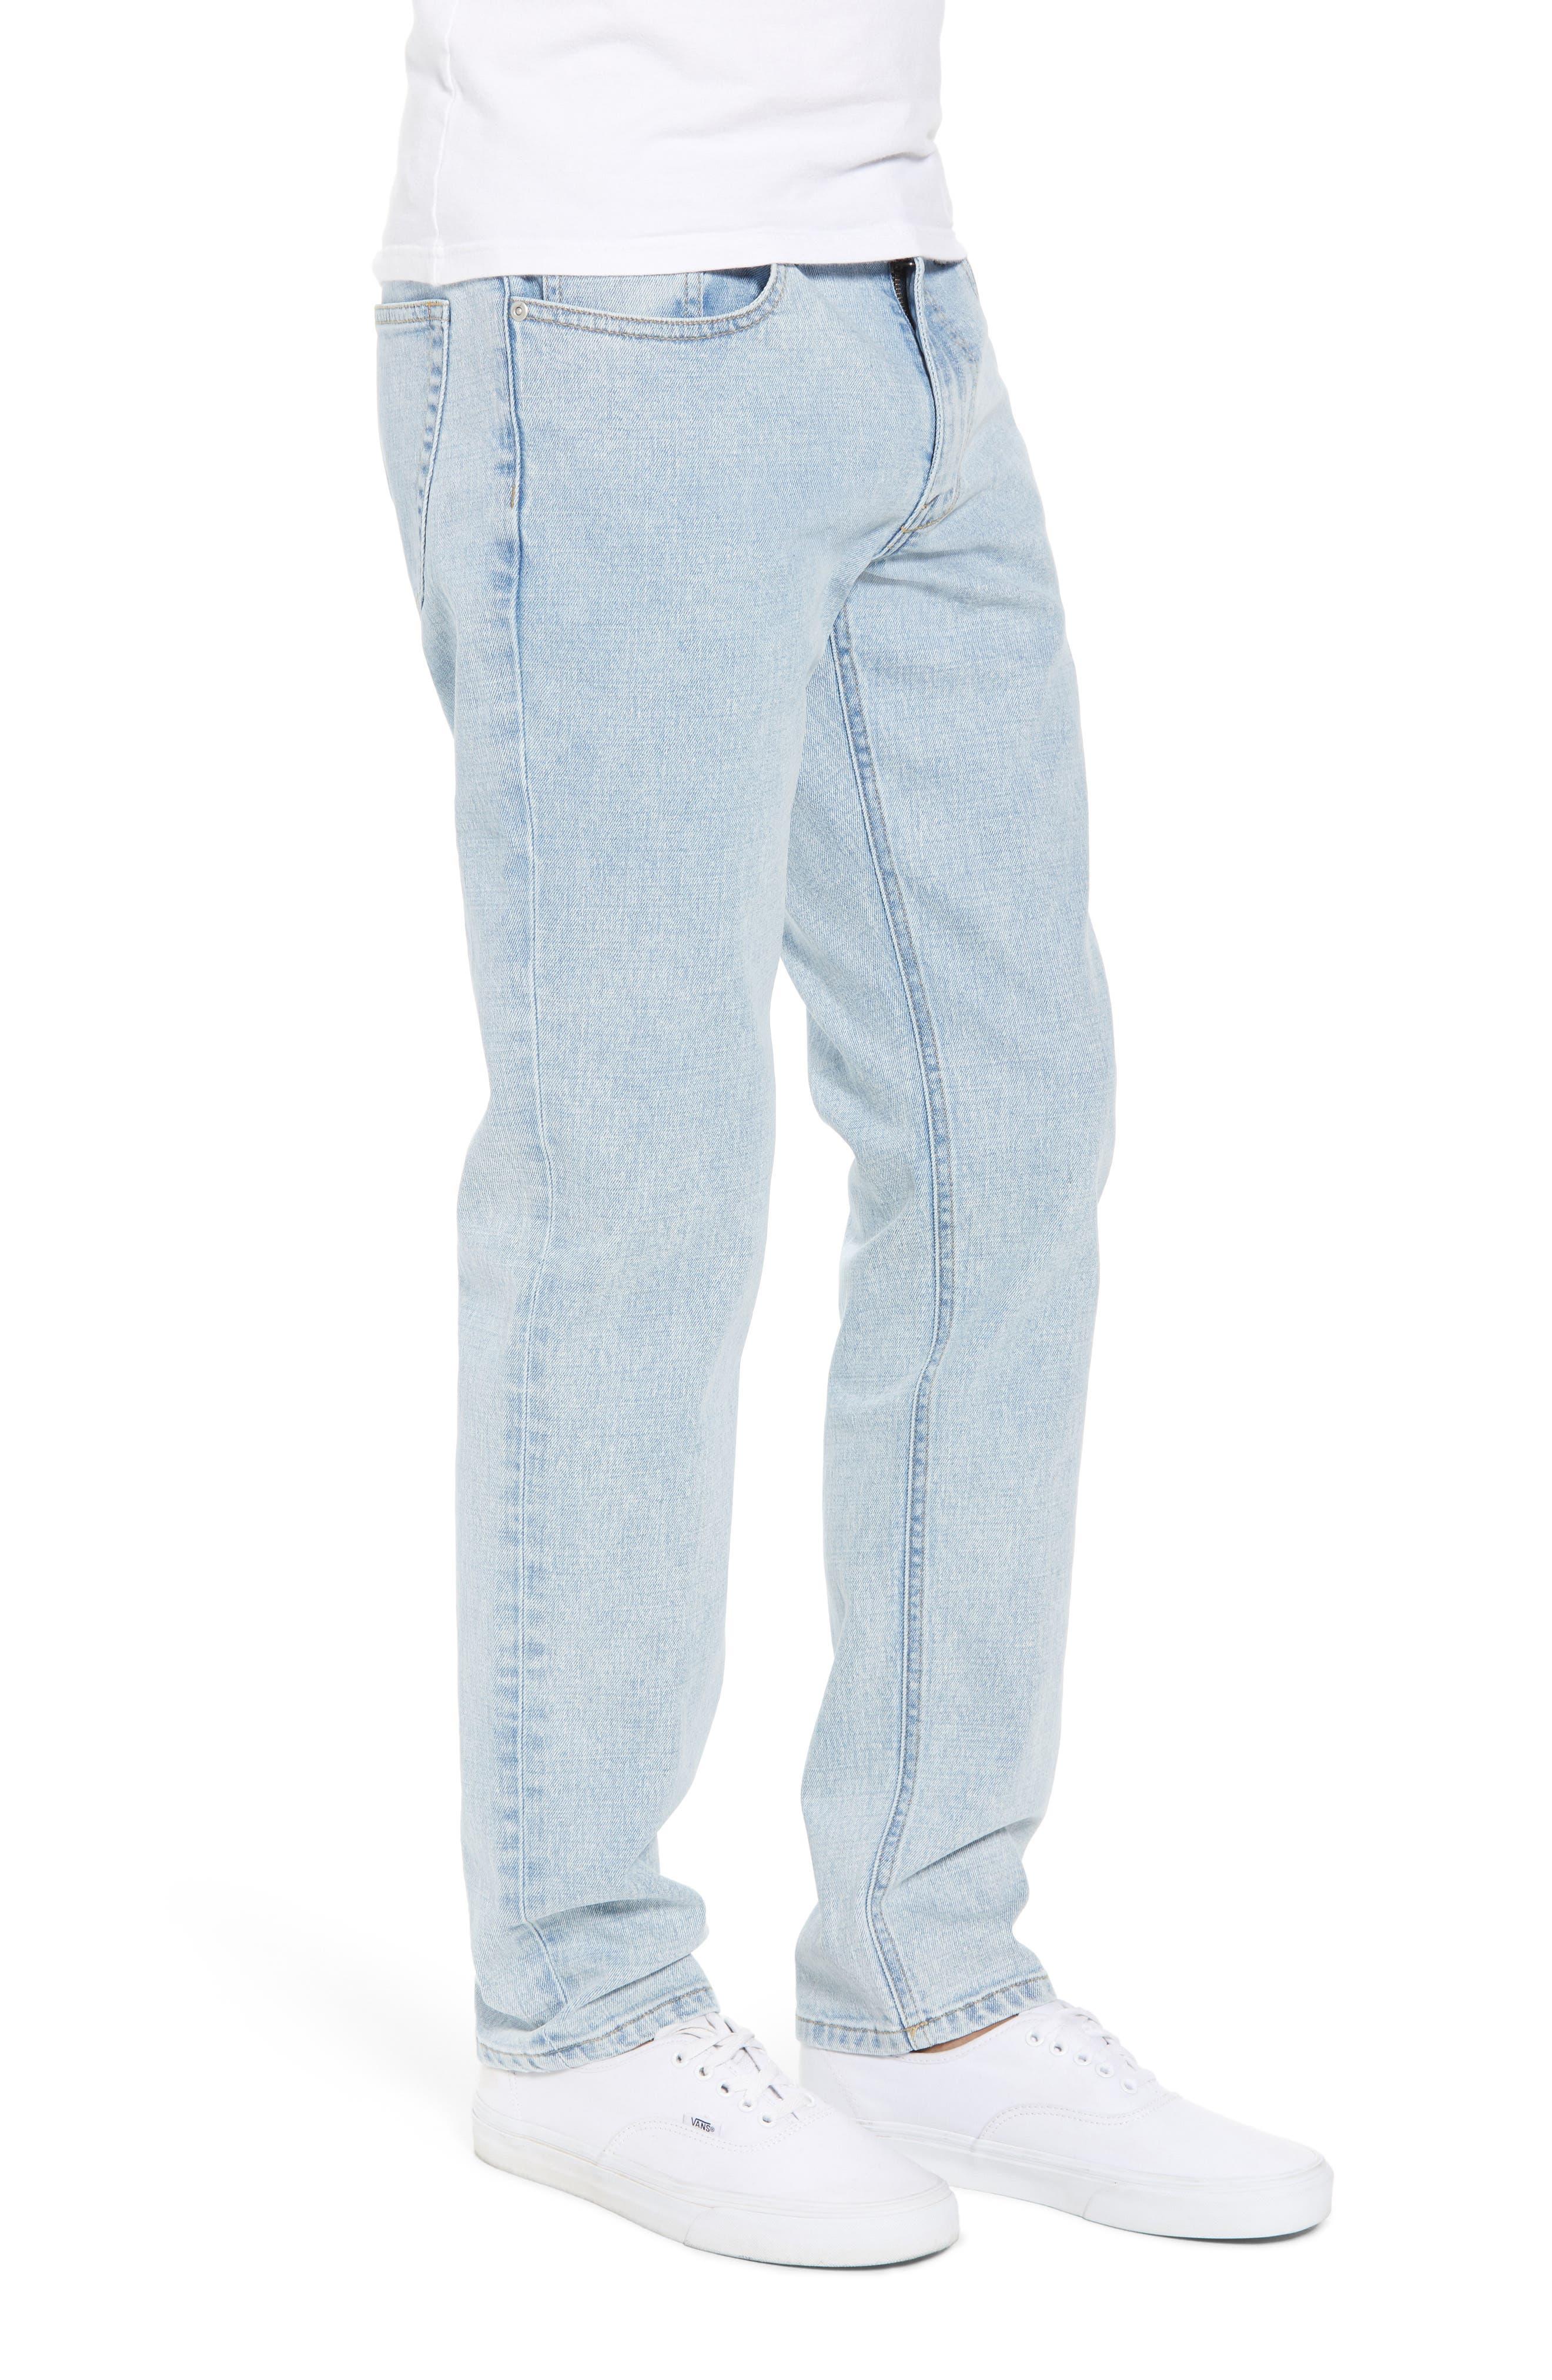 Acid Wash Stretch Slim Leg Jeans,                             Alternate thumbnail 3, color,                             BLUE VEDDER WASH